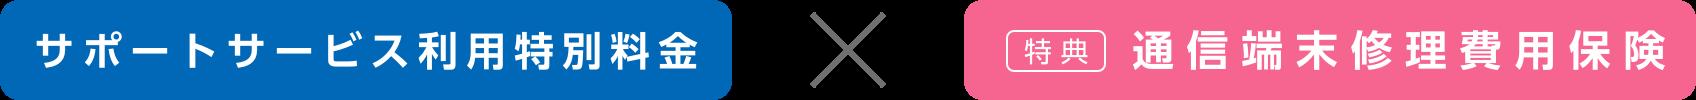 サポートサービス利用特別料金×特典 通信端末修理費用保険